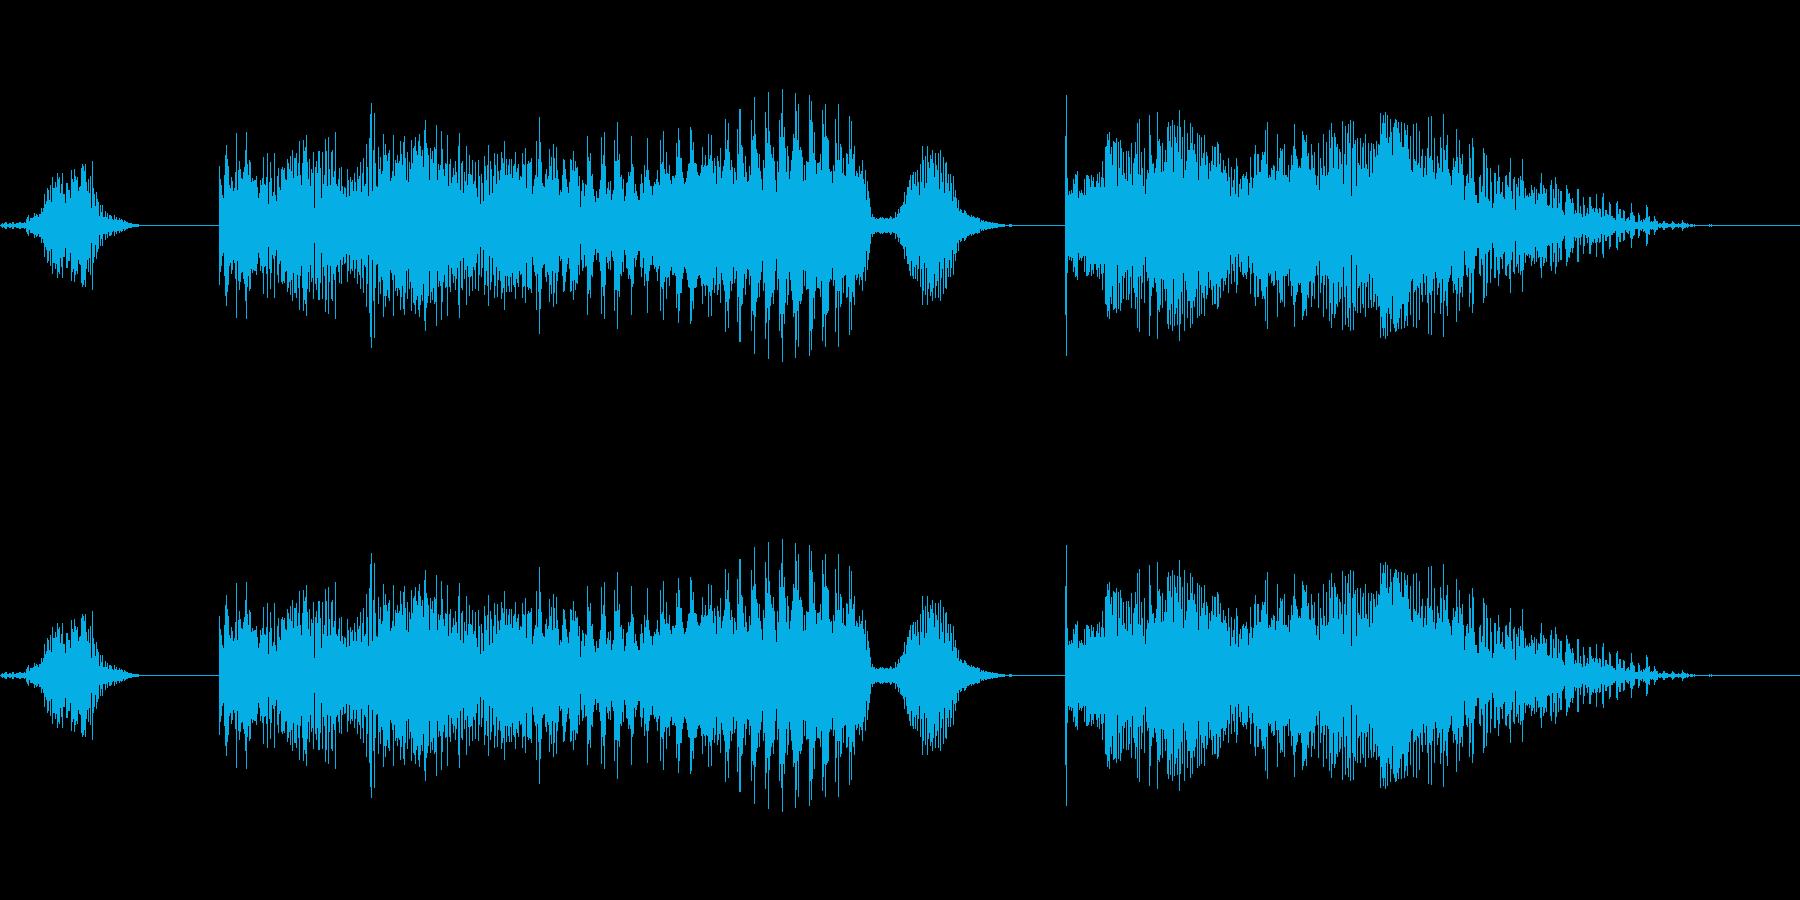 どっこいしょー!!×2 男性和風掛け声の再生済みの波形